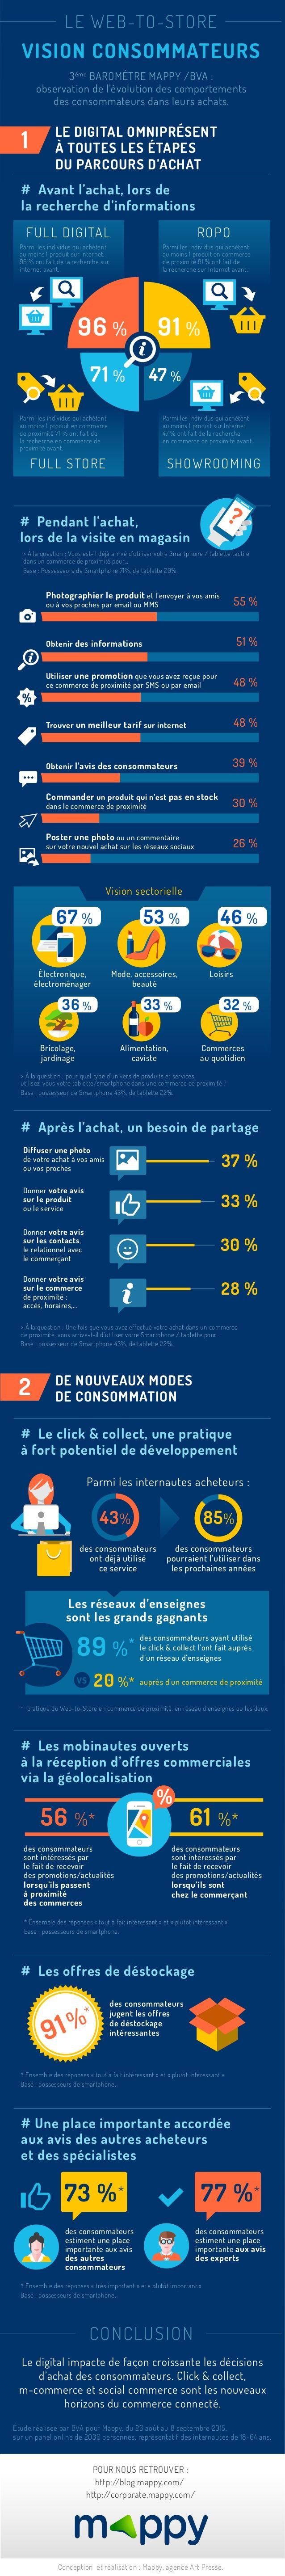 webtostore-la-vision-des-consommateurs-1-638